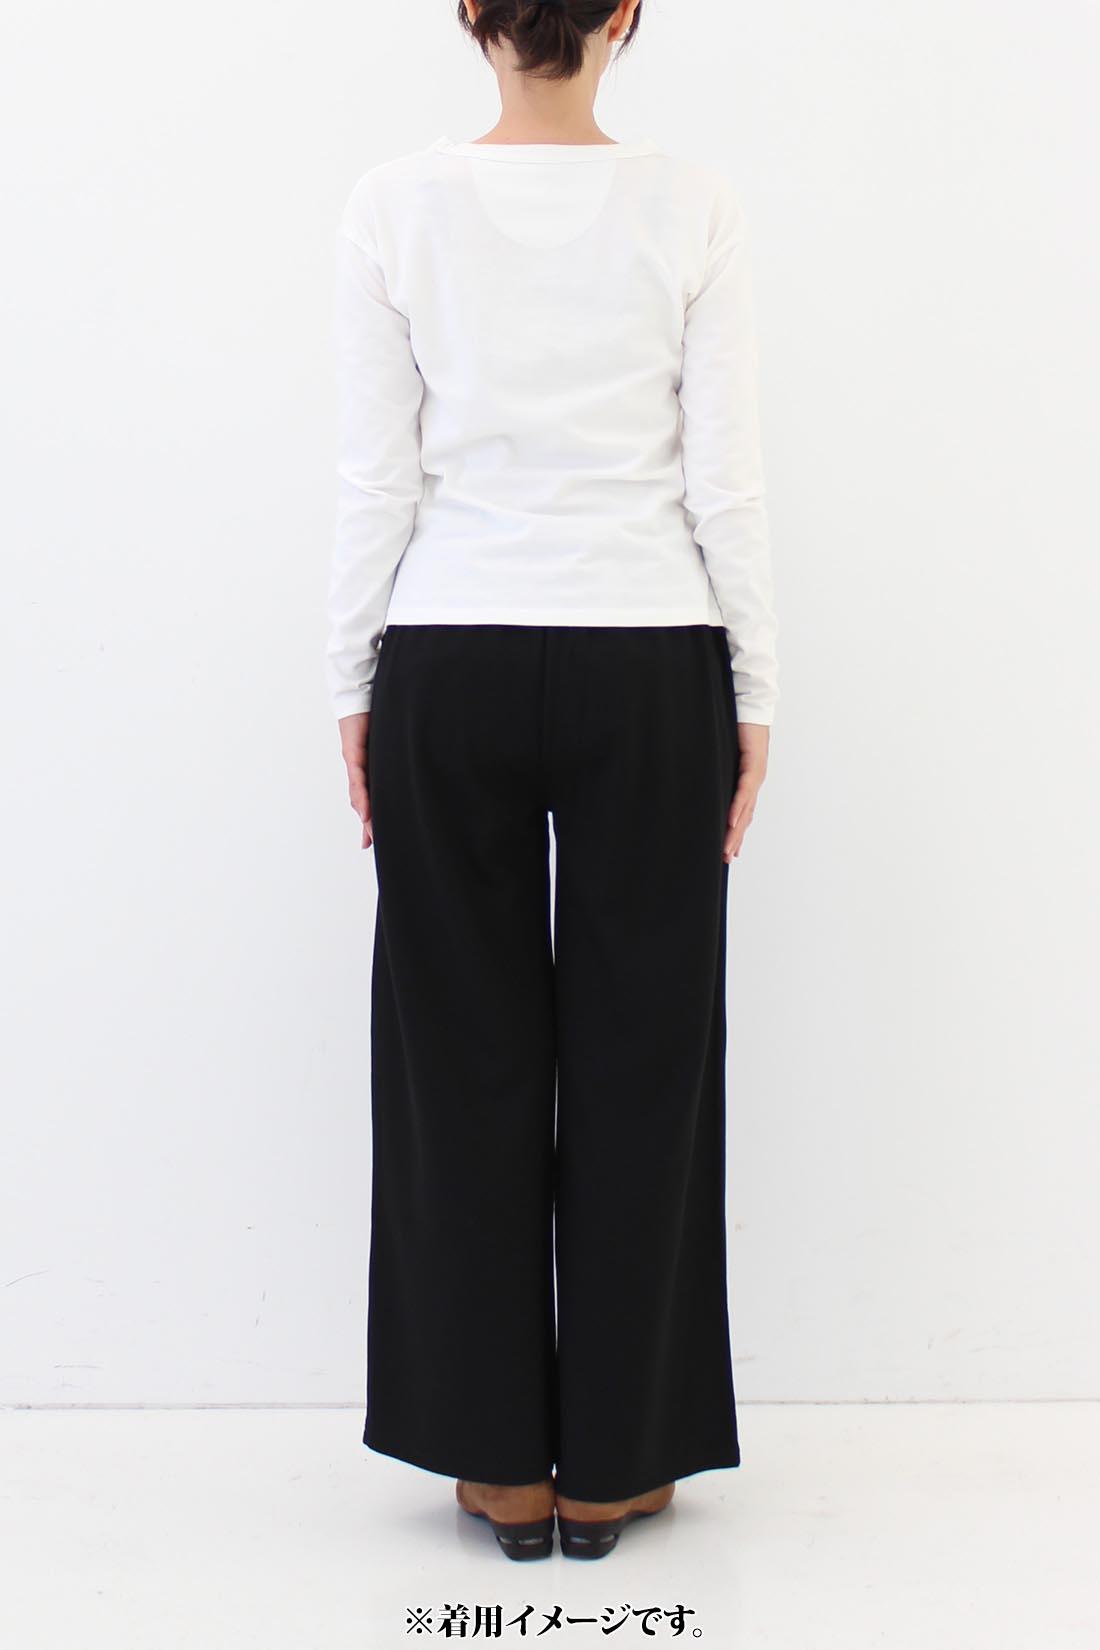 ★身長159cm・5サイズ(M)着用 ※着用イメージです。お届けするカラーとは異なります。